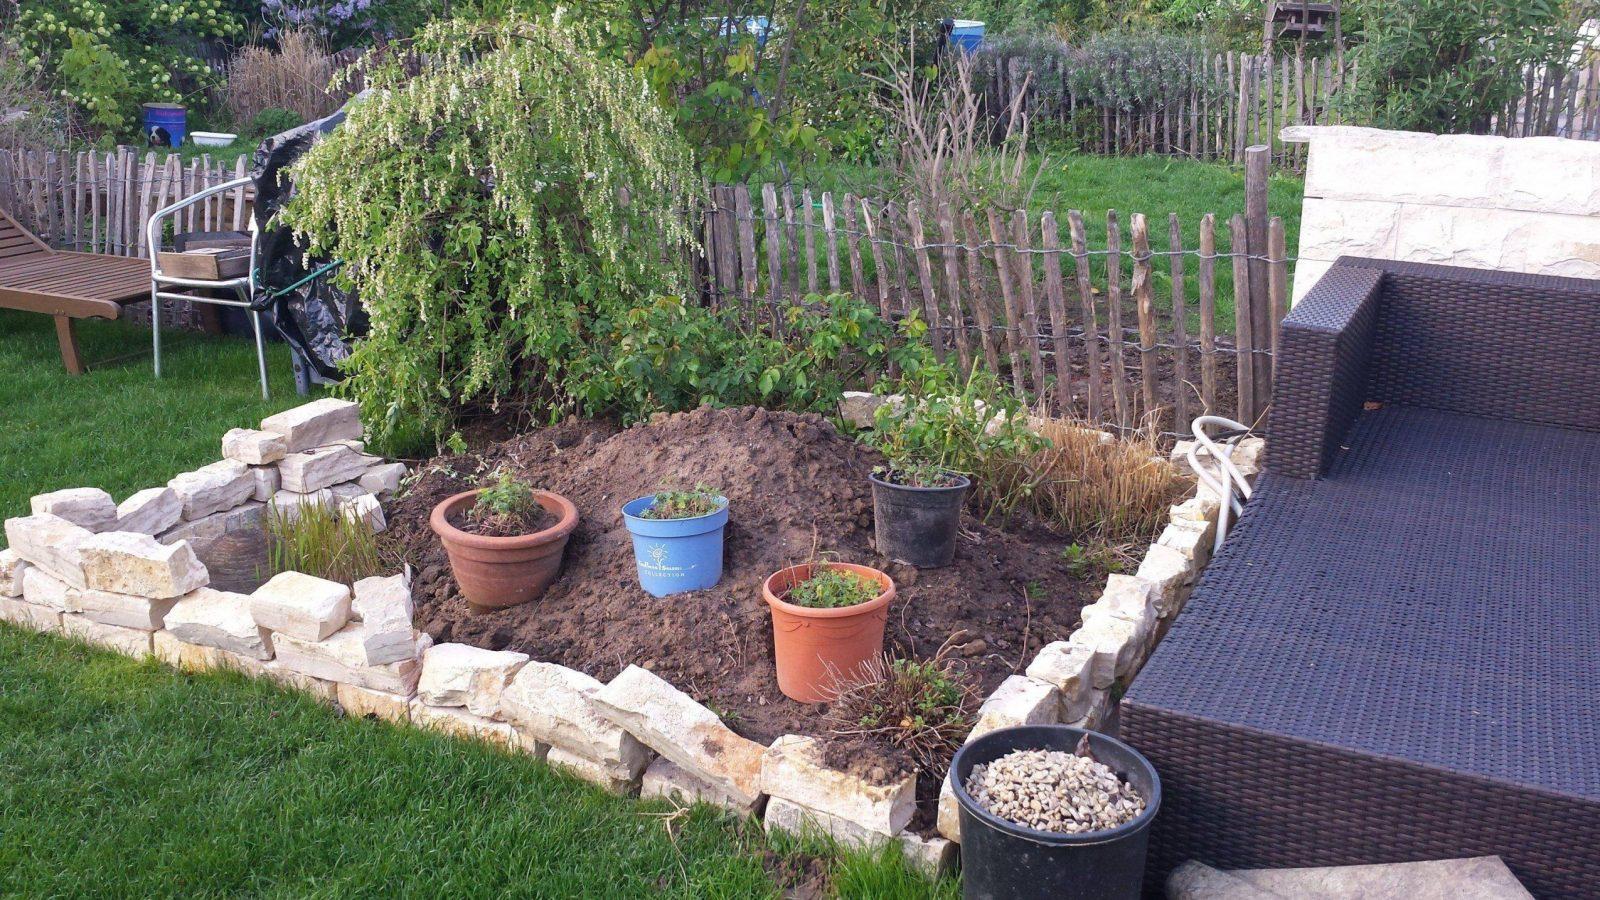 Wunderschöne Garten Neu Gestalten Frisch Garten Neu Gestalten Mit von Blumenbeet Gestalten Mit Kies Bild